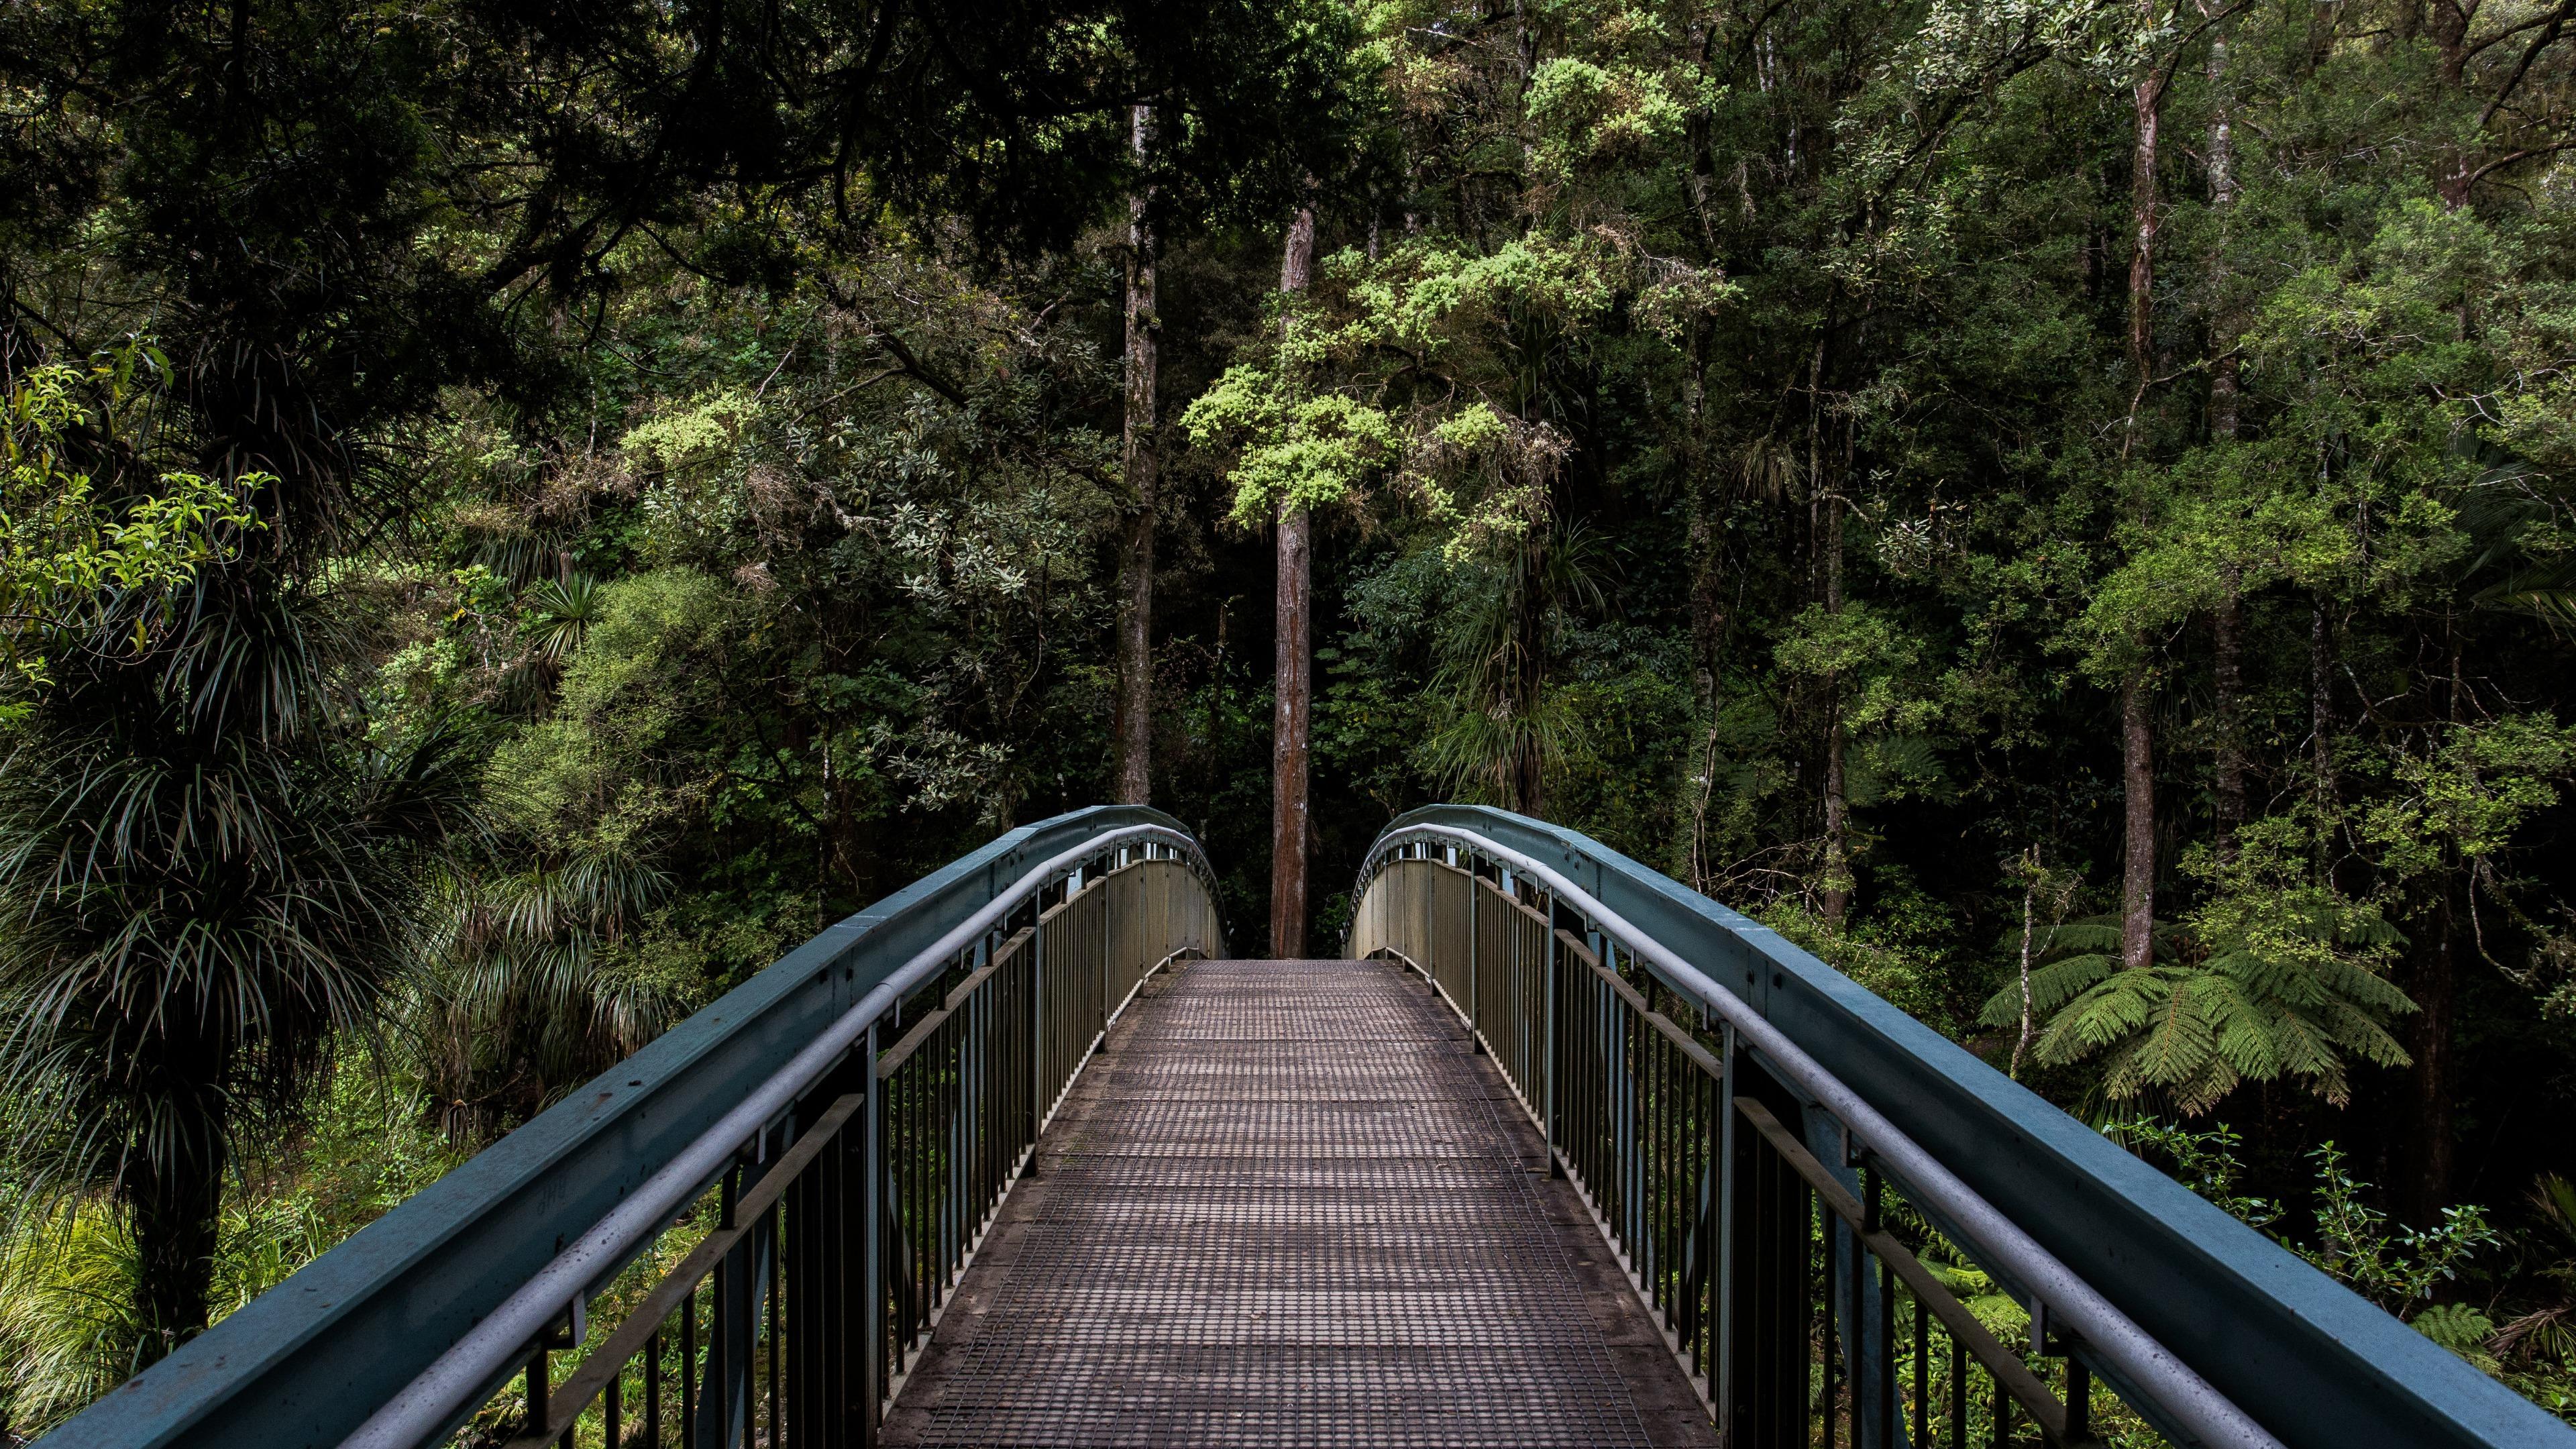 Bridge across Hatea River below Whangarei Falls wallpaper